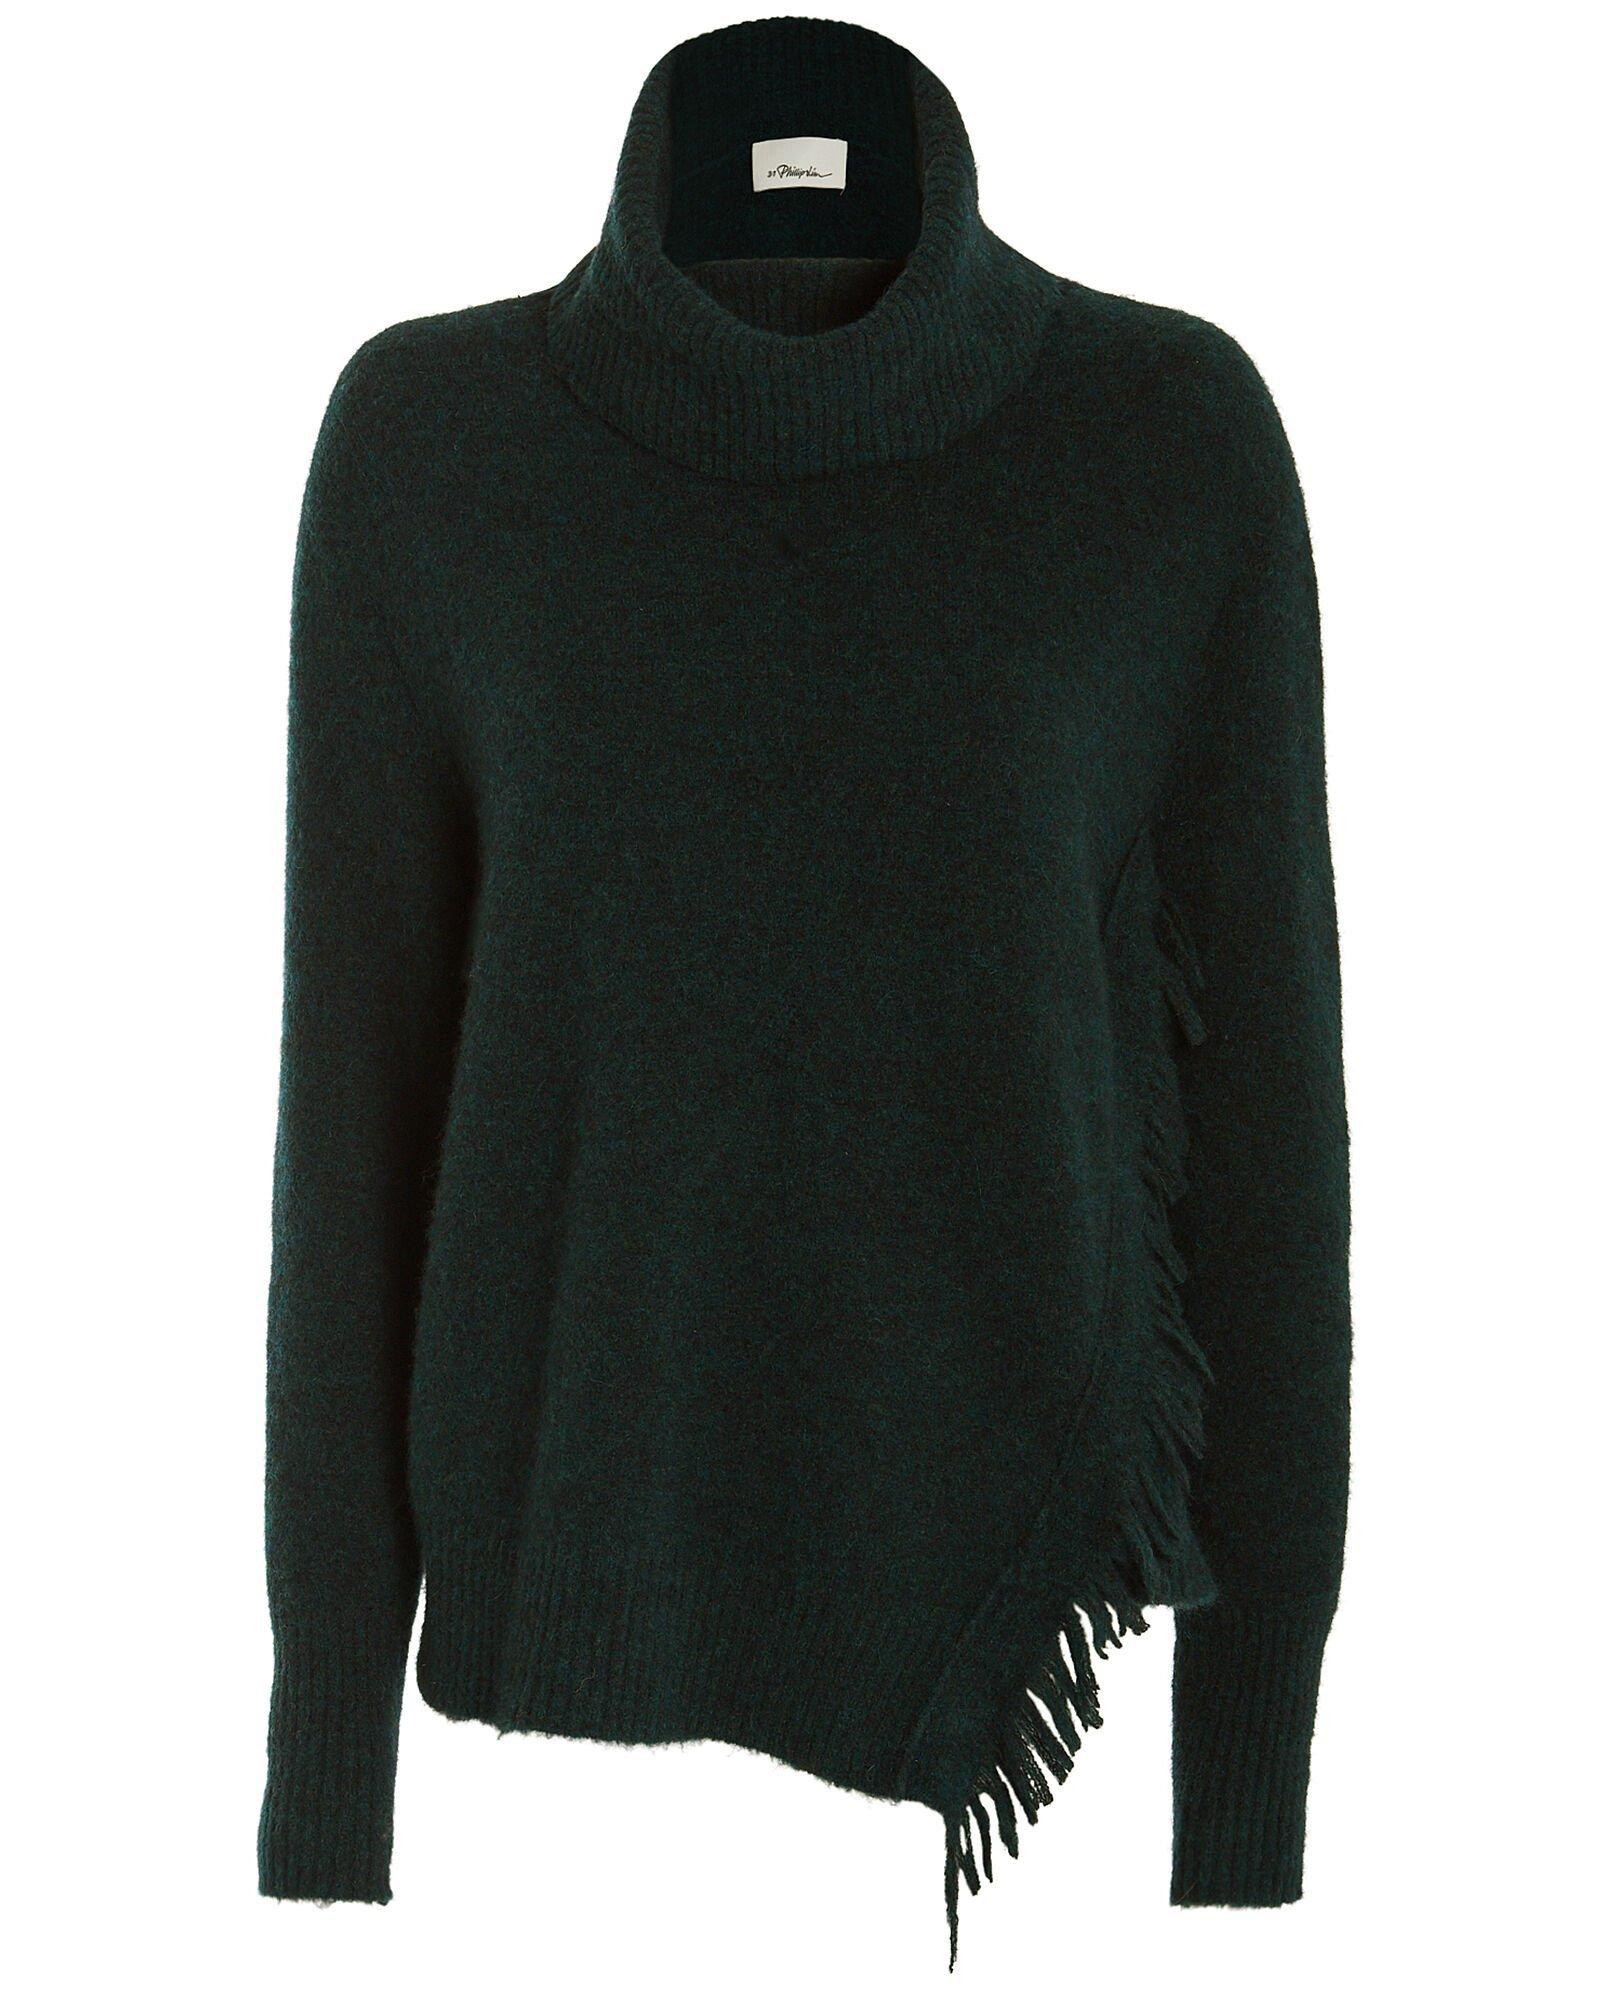 Fringe Overlap Turtleneck Sweater